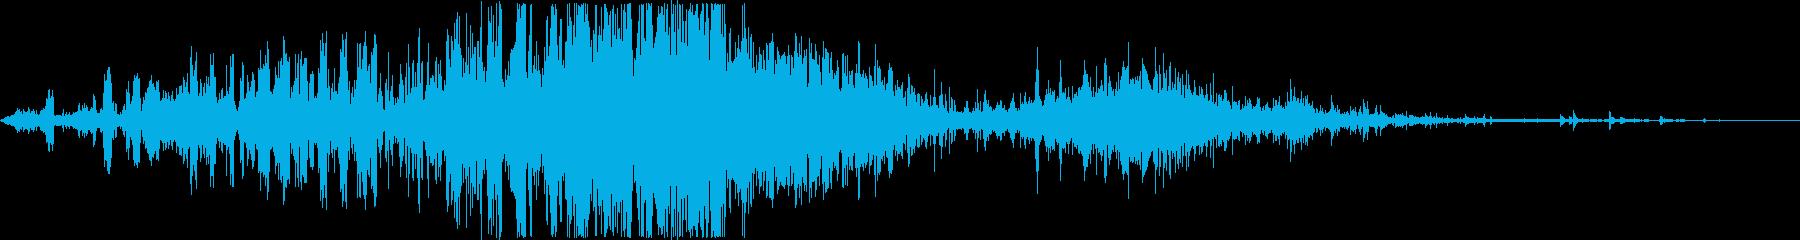 ヒュルヒュル、ドドん、パシャっ!!の再生済みの波形